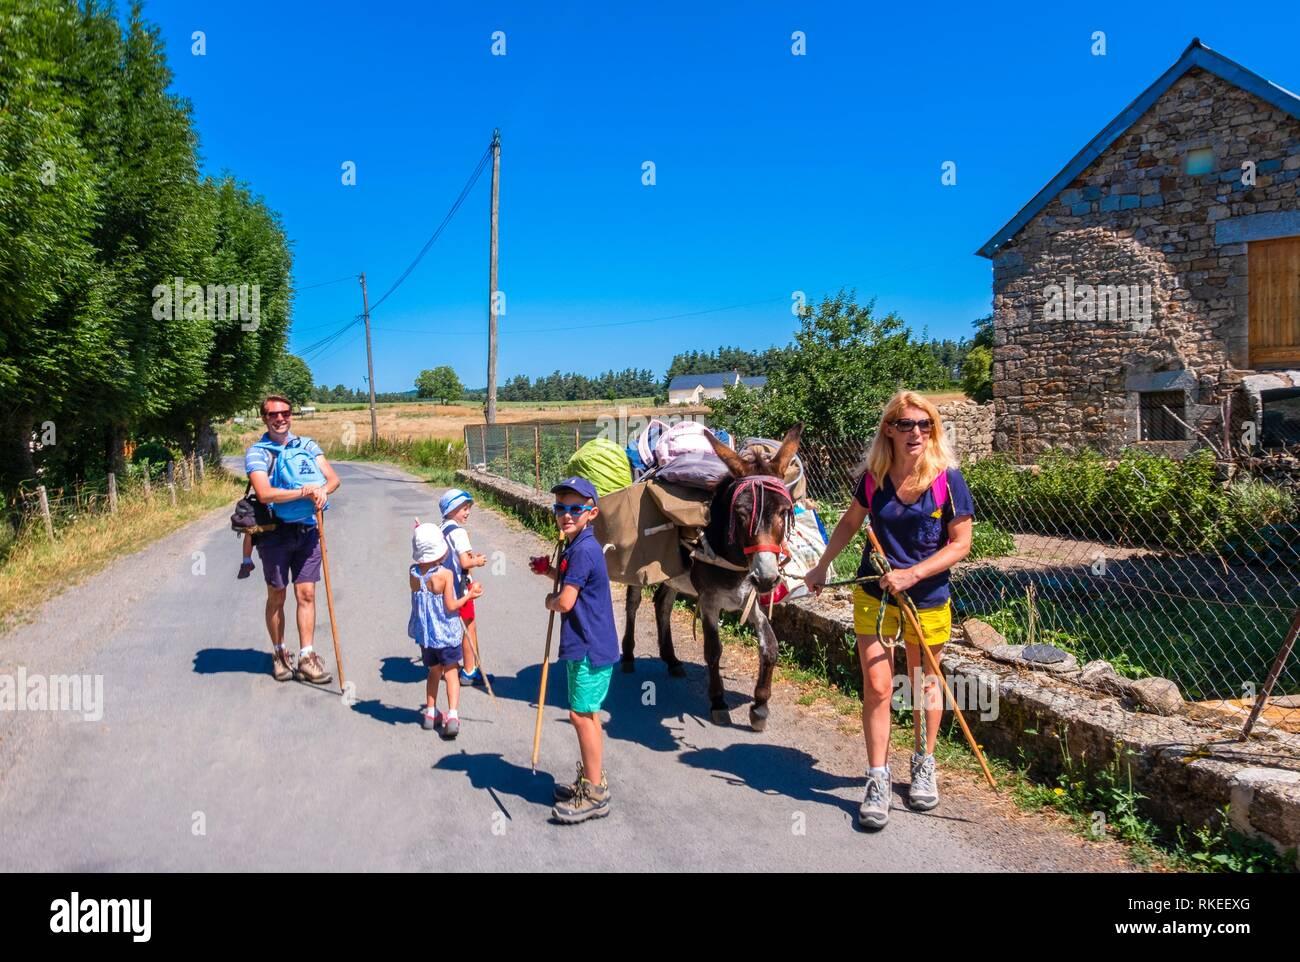 France, Occitanie, Lozére, Pilgrimage way to Santiago de Compostela, at La Chaze de Peyre, in the Aubrac area. - Stock Image